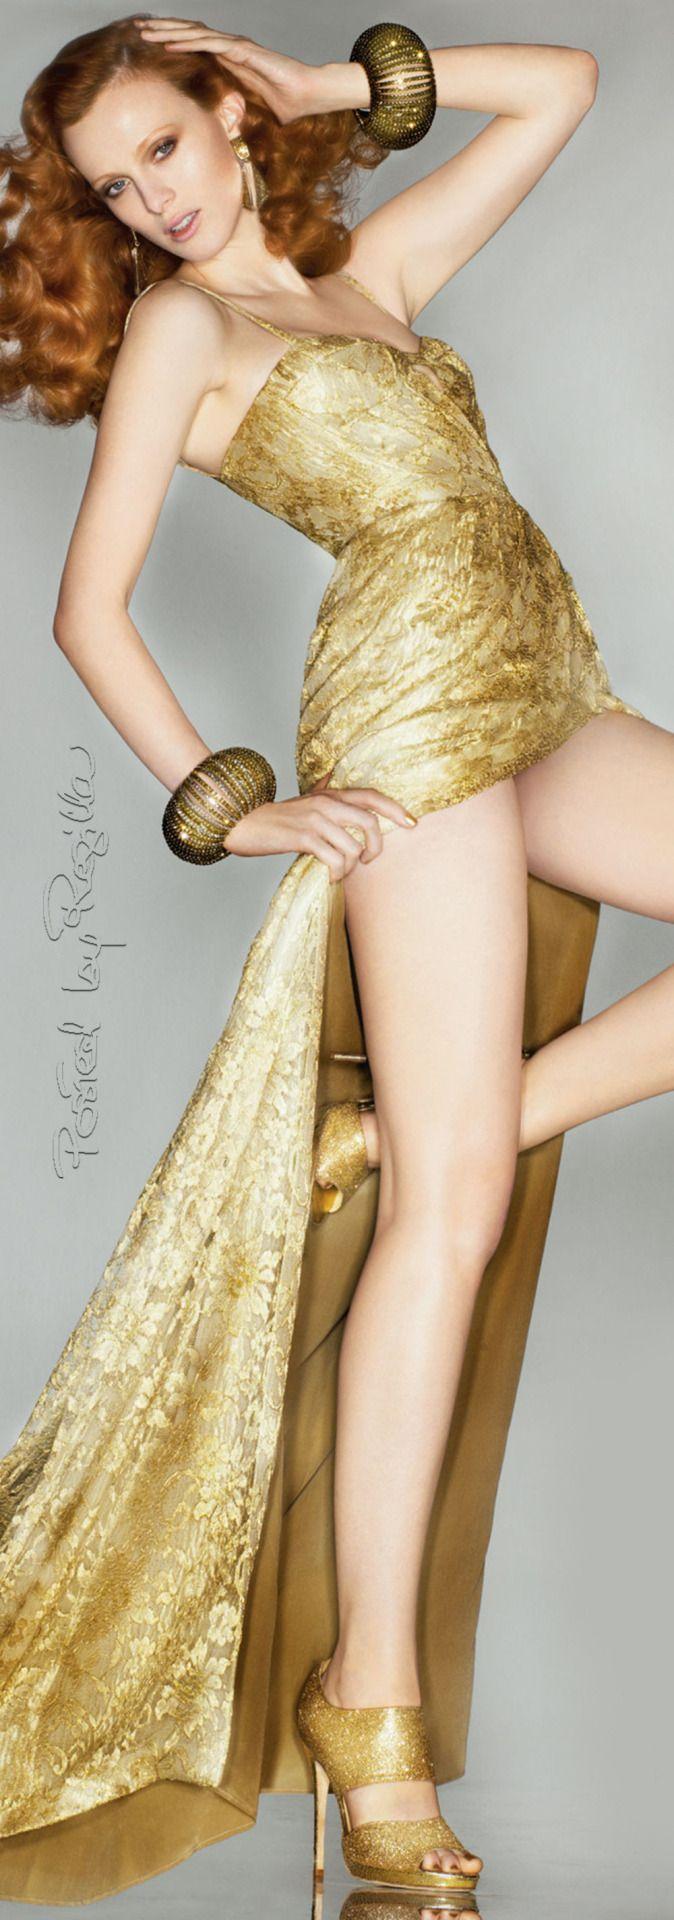 Regilla ⚜ Karen Elson wearing Burberry